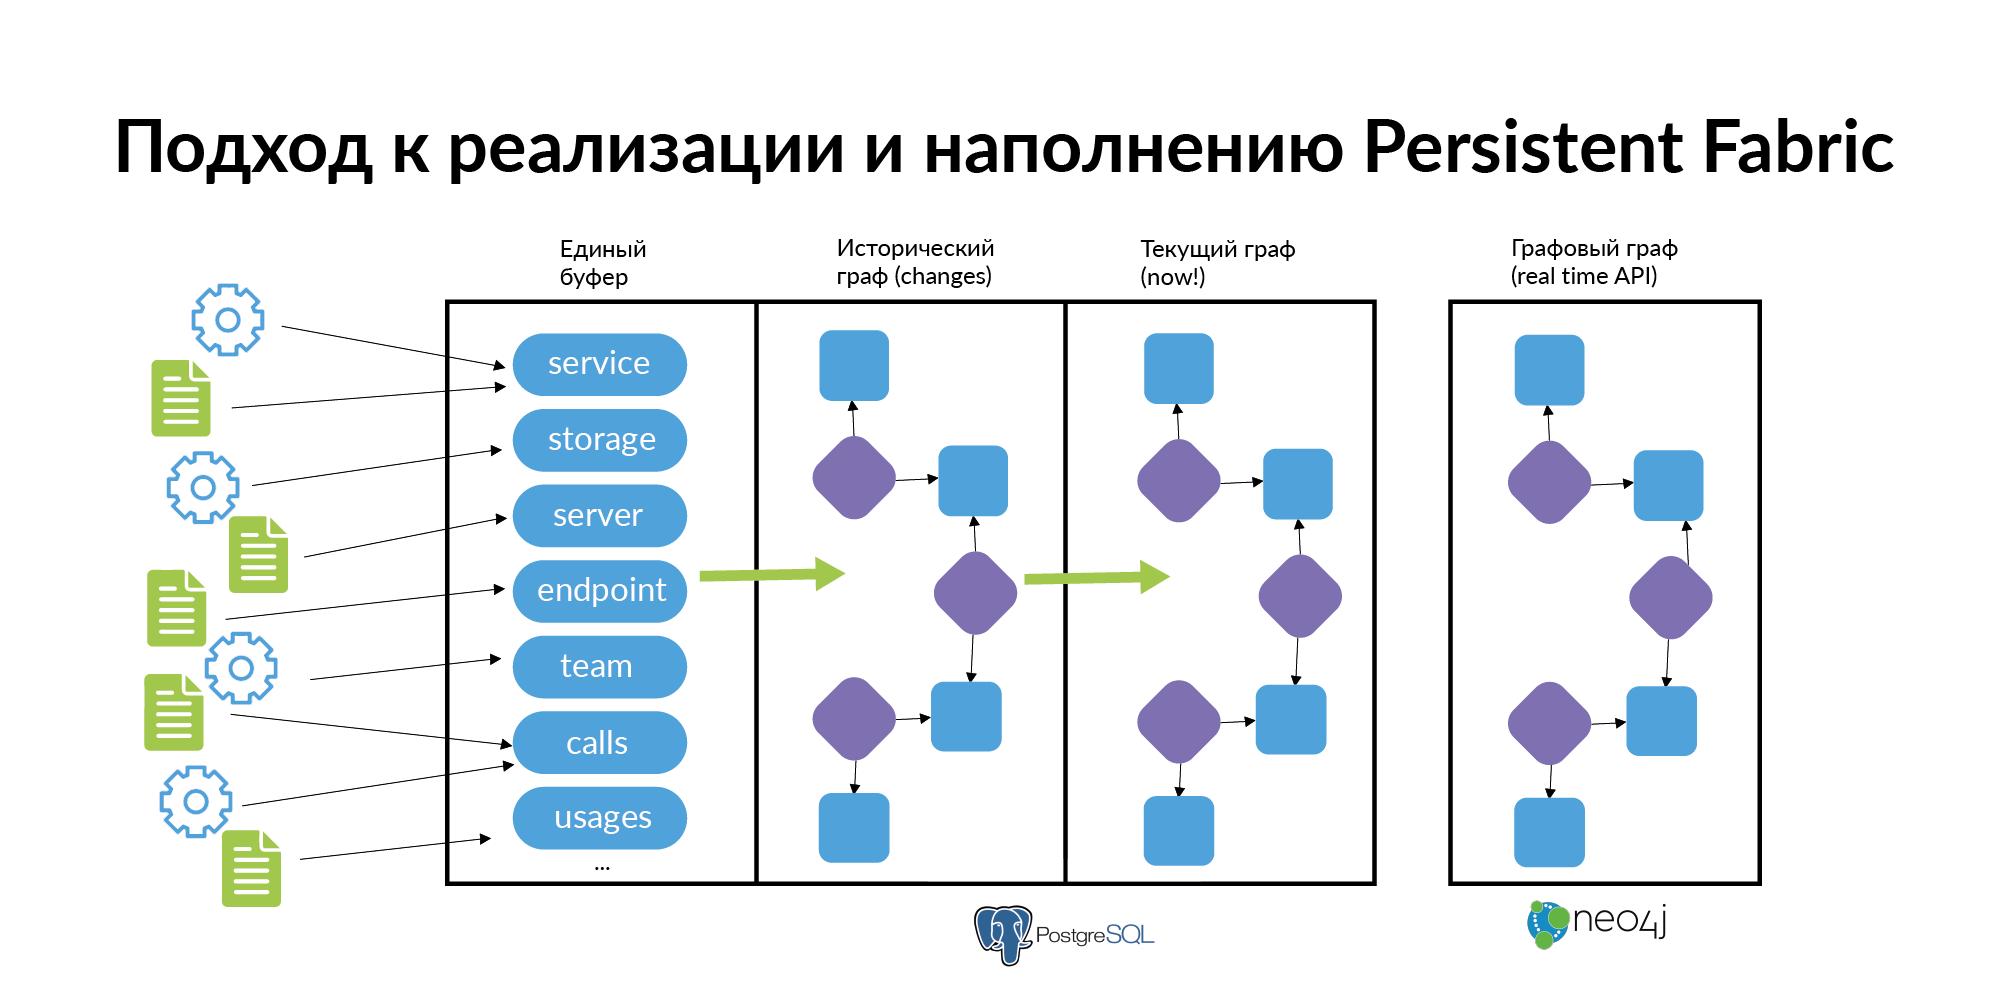 Концепция персистентной ткани для контроля IT-инфраструктуры - 29